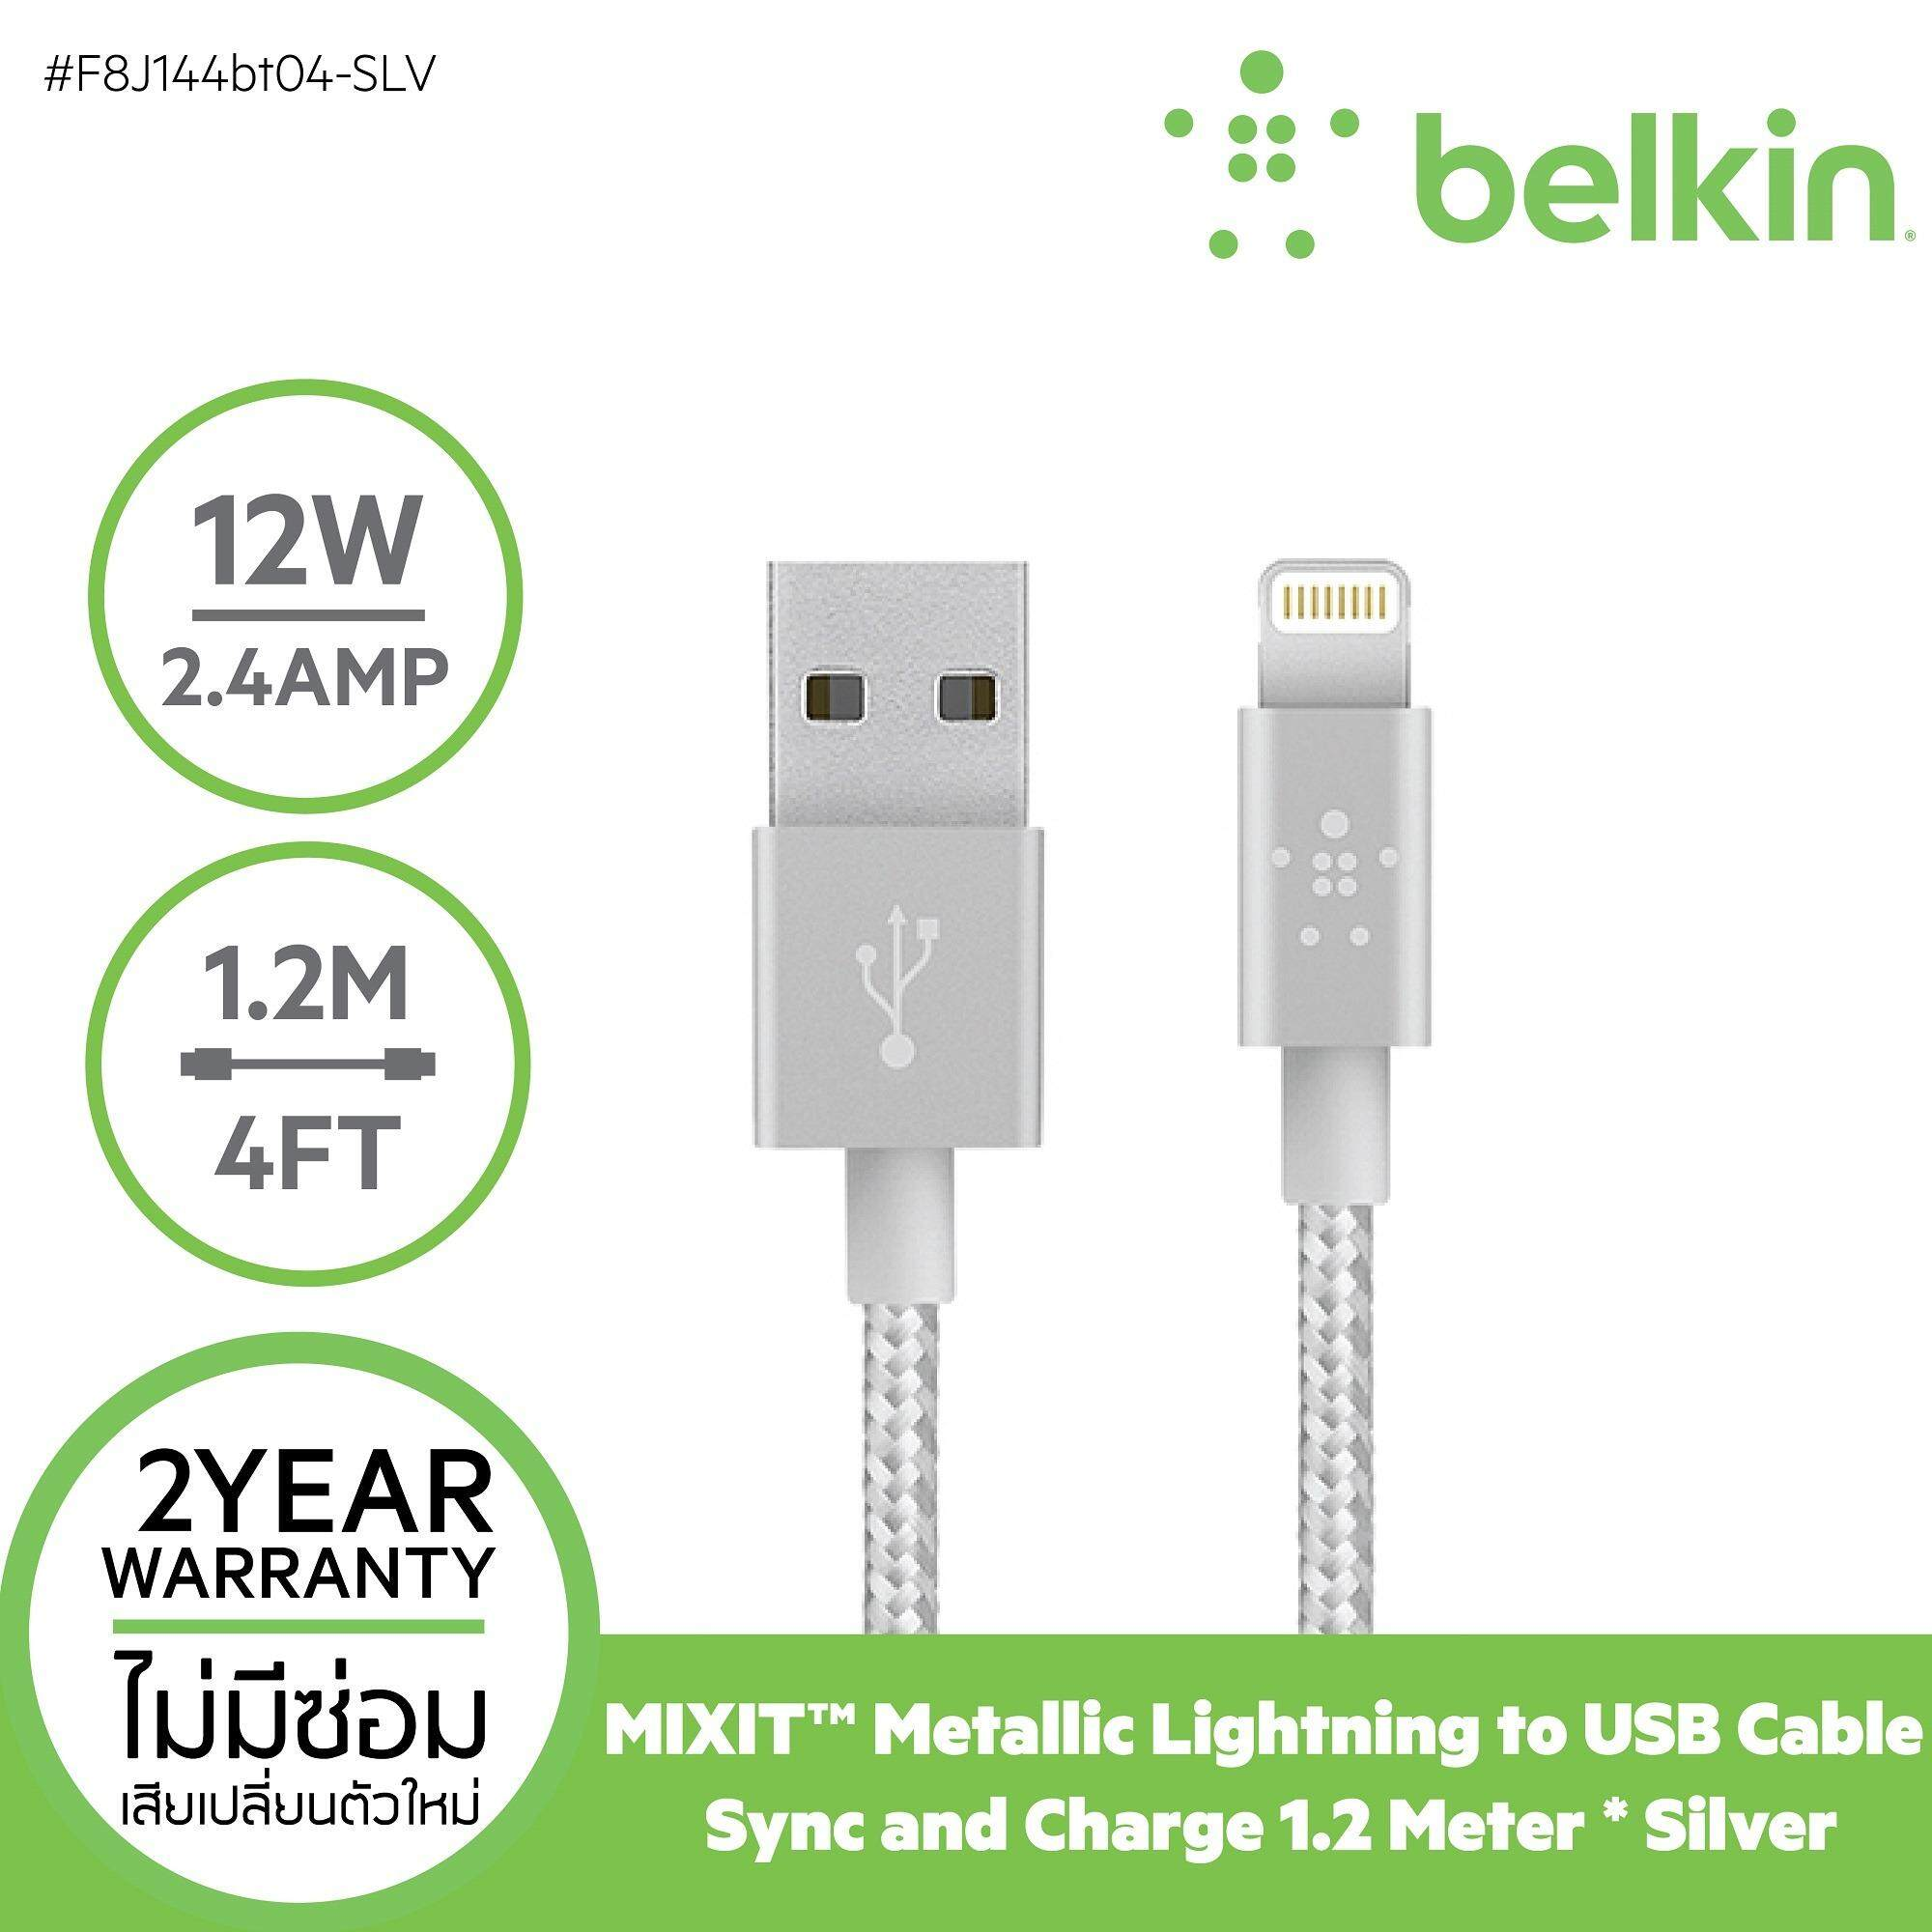 ขาย Belkin สายชาร์จไอโฟน รุ่น Belkin Charge And Sync Cable Metallic Lightning 1 2 เมตร สายชาร์จ สายถัก เบลคิน F8J144Bt04 Slv สำหรับ Iphone Ipad Belkin